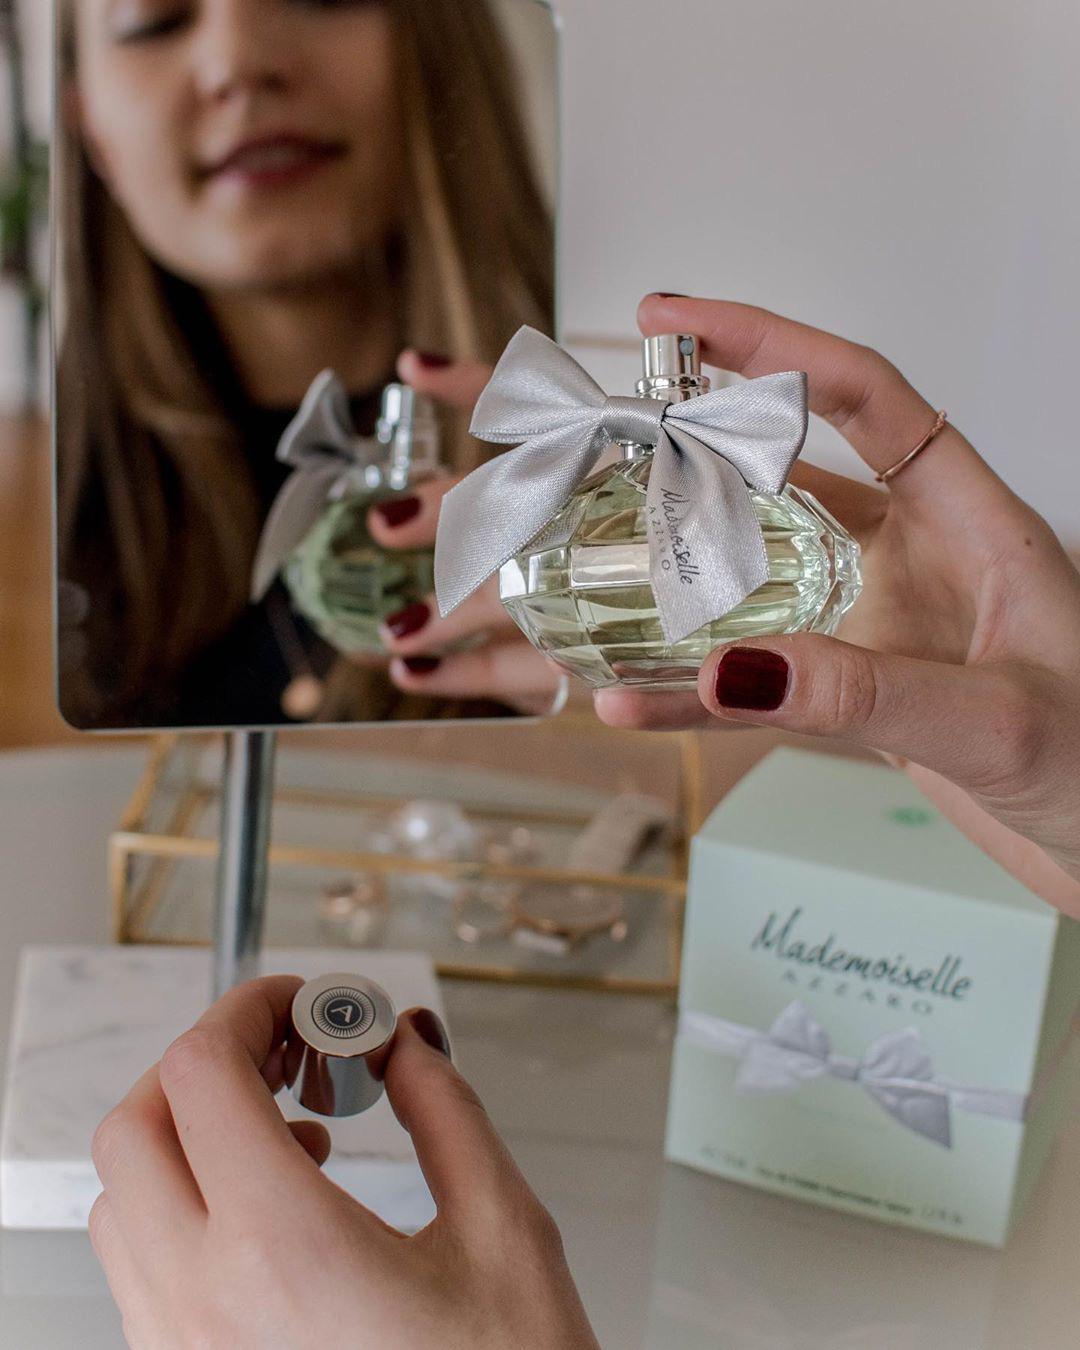 Xịt nước hoa đi chơi Valentine, 8/10 các chị em đều bỏ qua những điều này khiến hương thơm bay biến - Ảnh 3.